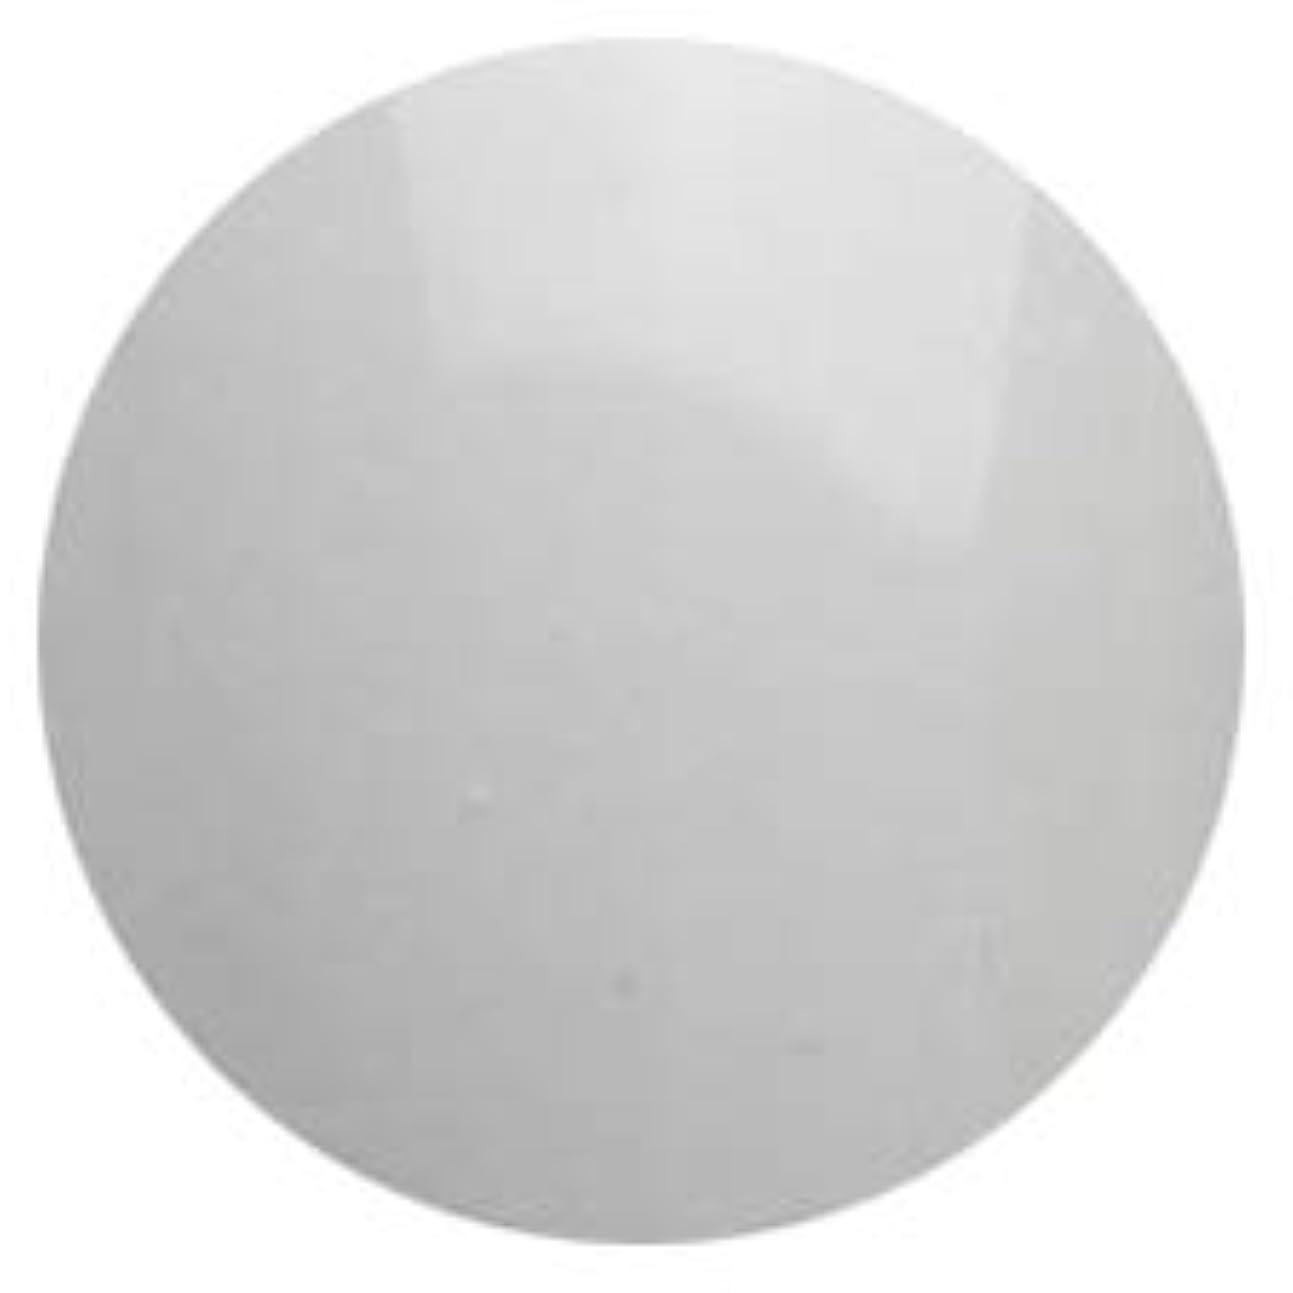 複合モンスター飢えたT-GEL COLLECTION カラージェル D121 ミルキーホワイト 4ml